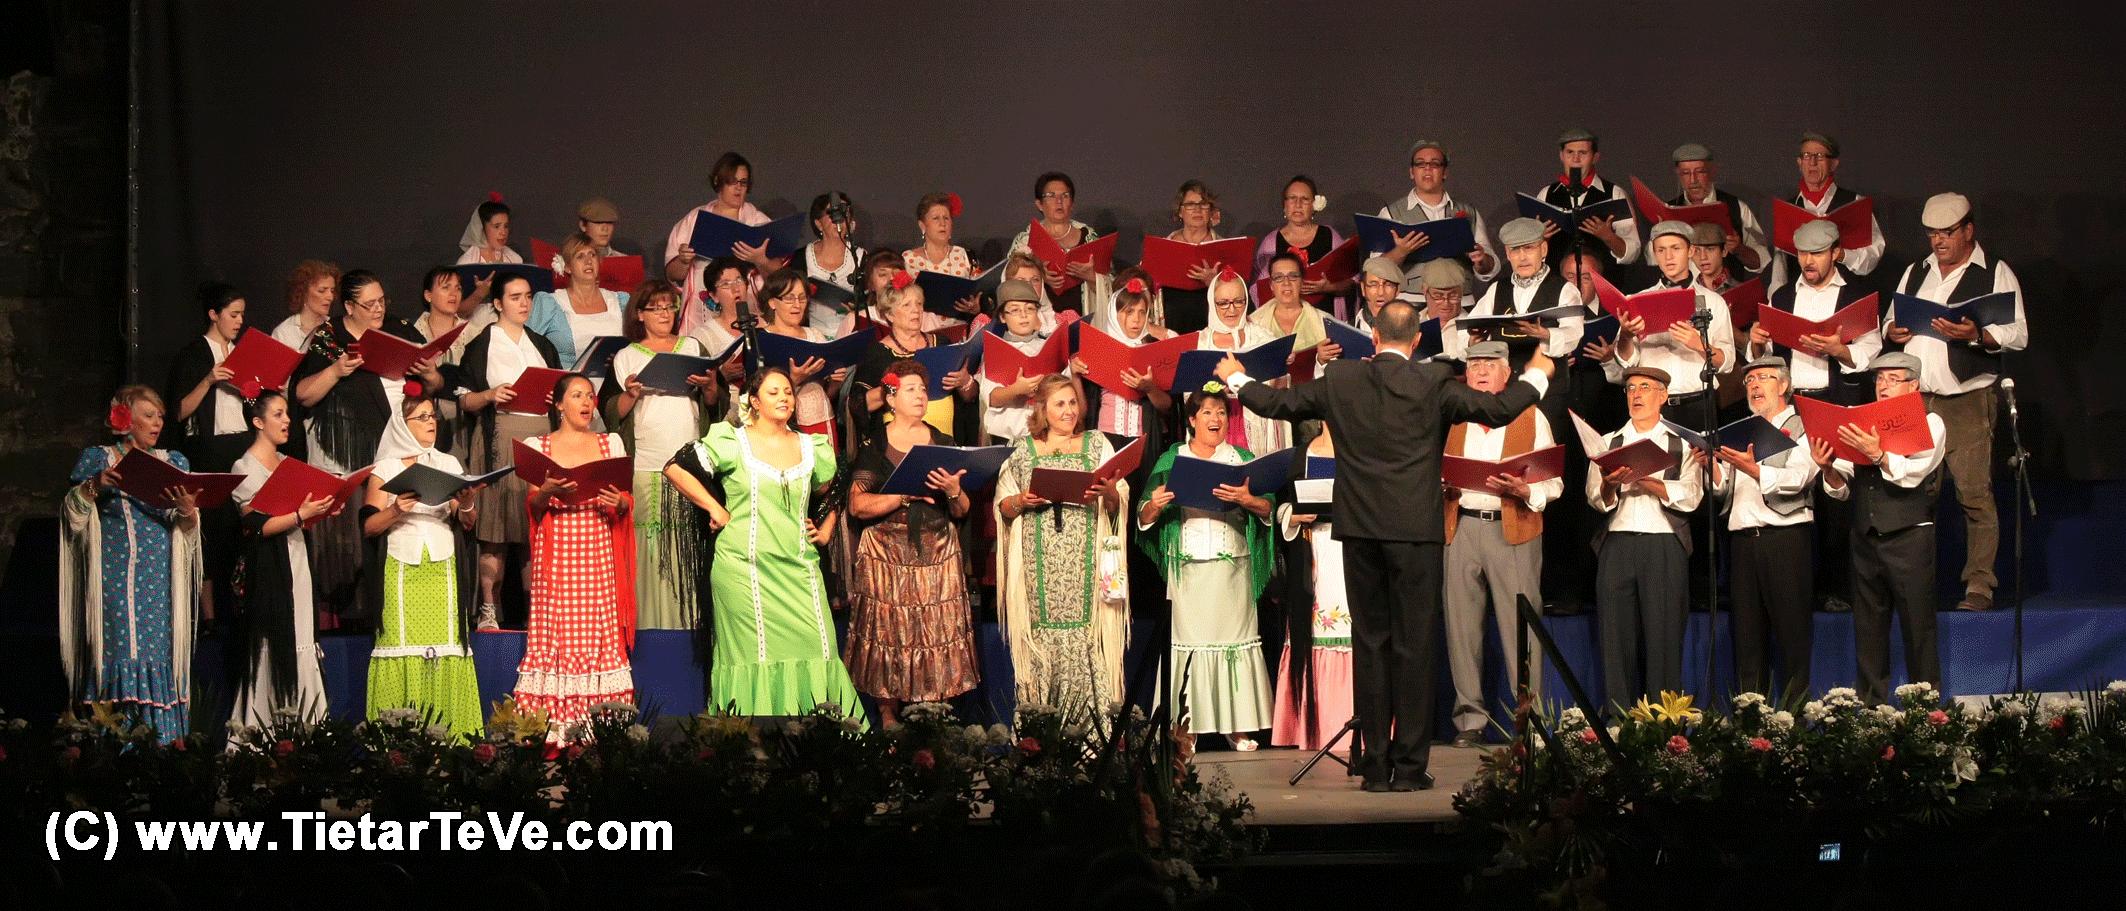 Recital de Zarzuela en Arenas de San Pedro - TiétarTeVe